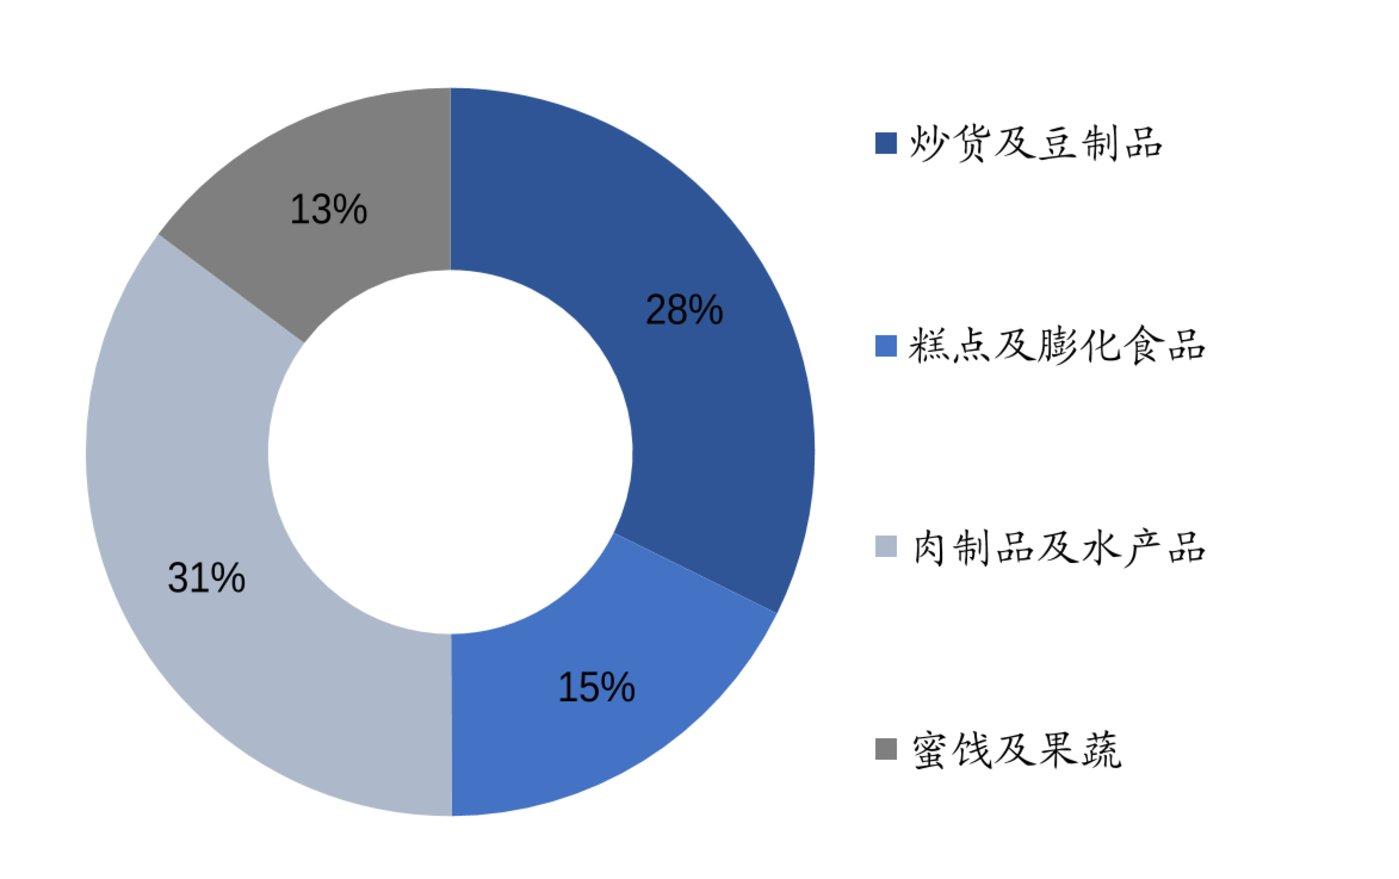 来伊份实行多品类策略/数据来源:Wind.信达证券研发中心